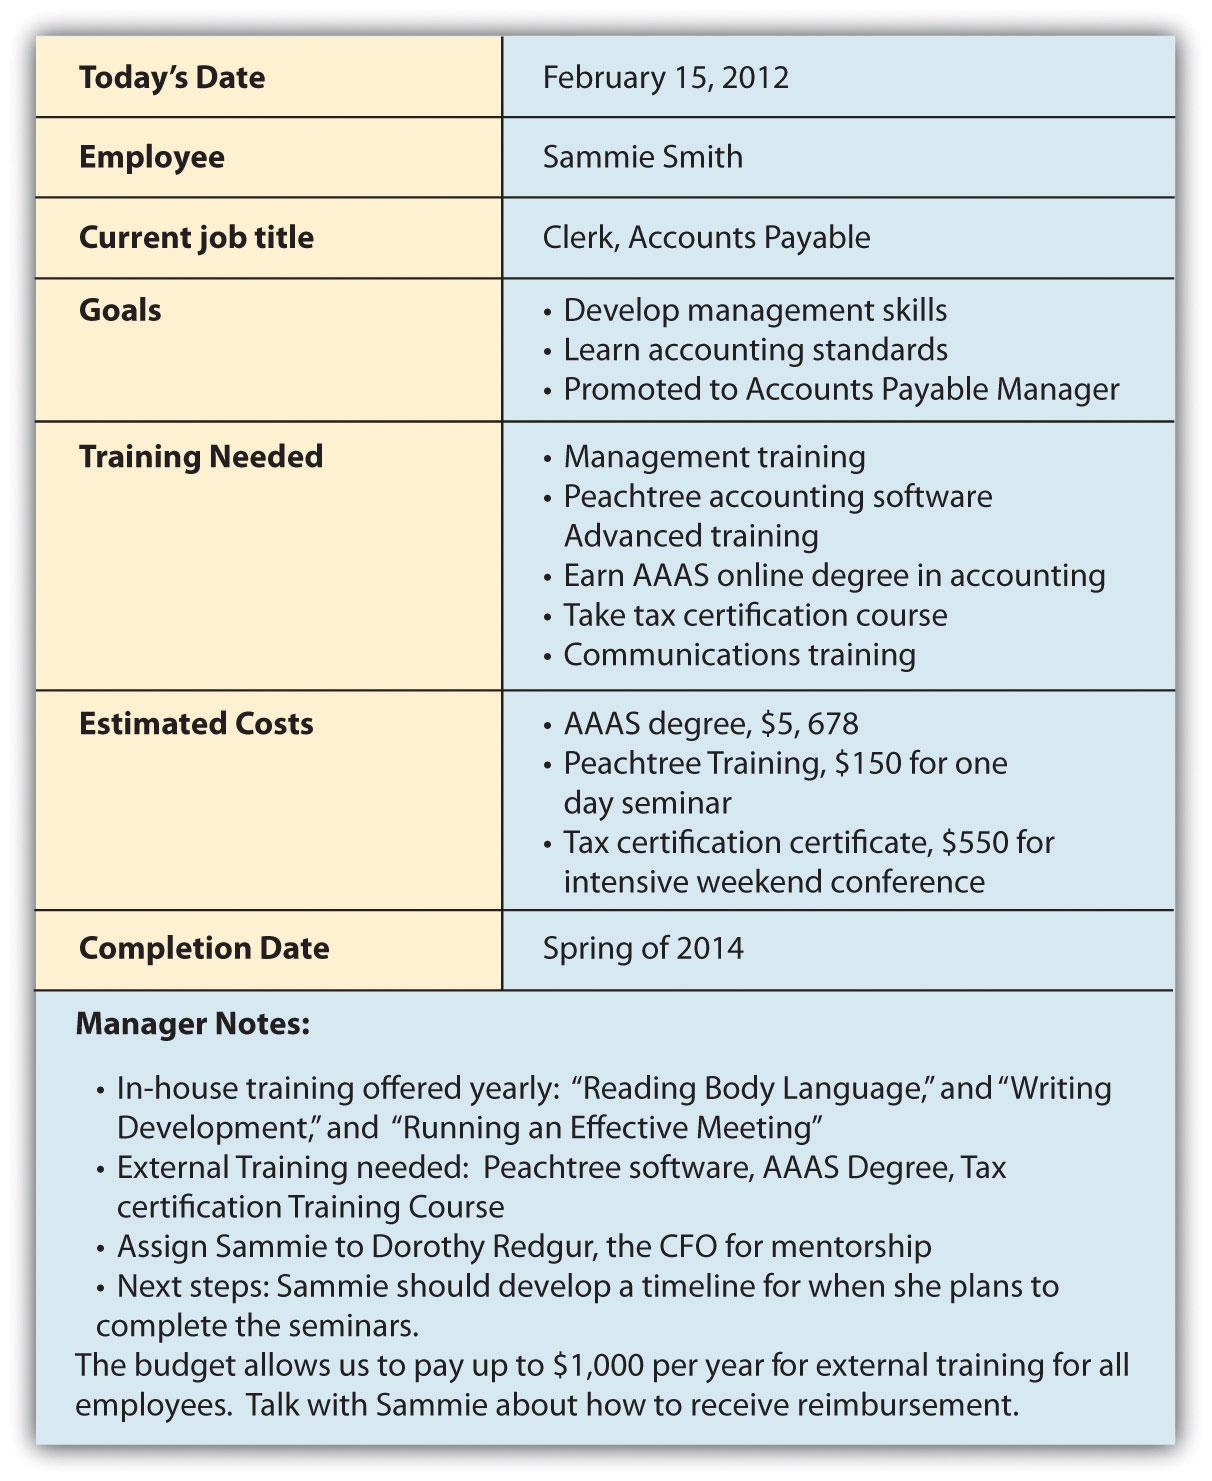 Individual Employee Training Plan Template